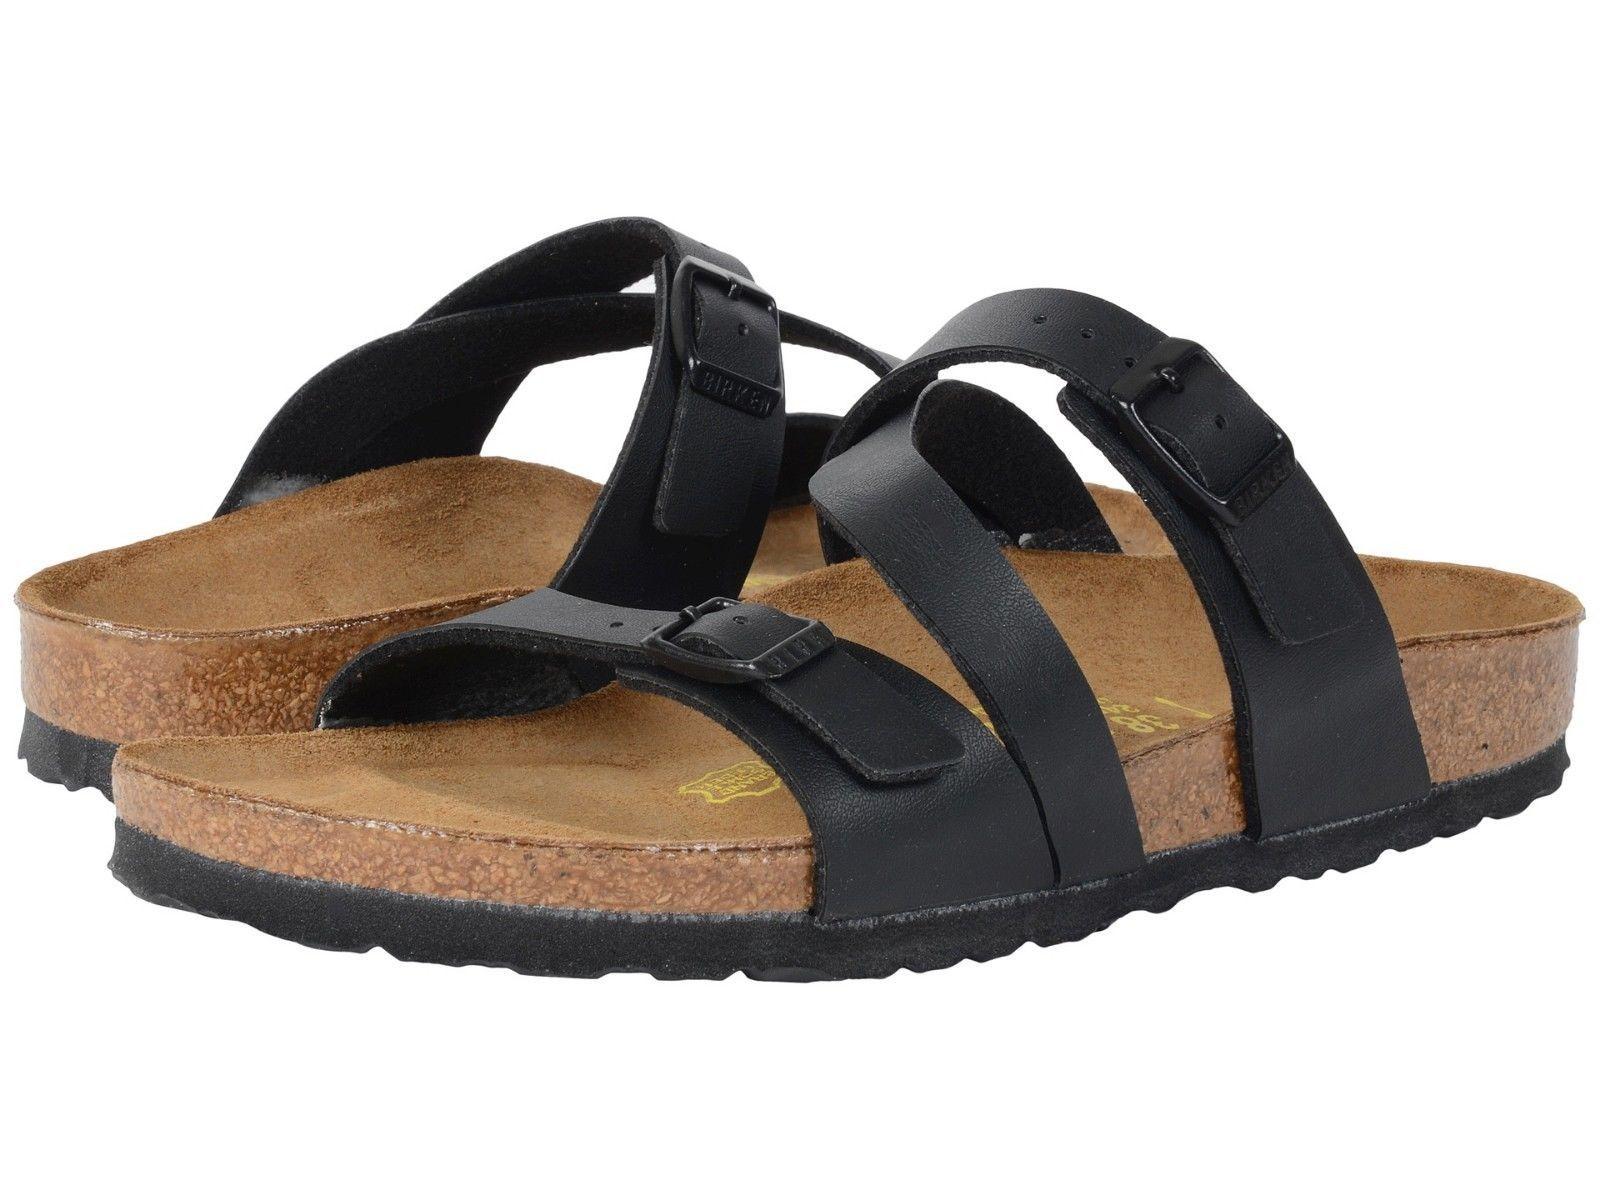 877bd473fc6 Birkenstock Salina Women s Black Birko-Flor Slide Sandal Size 37-41 ...